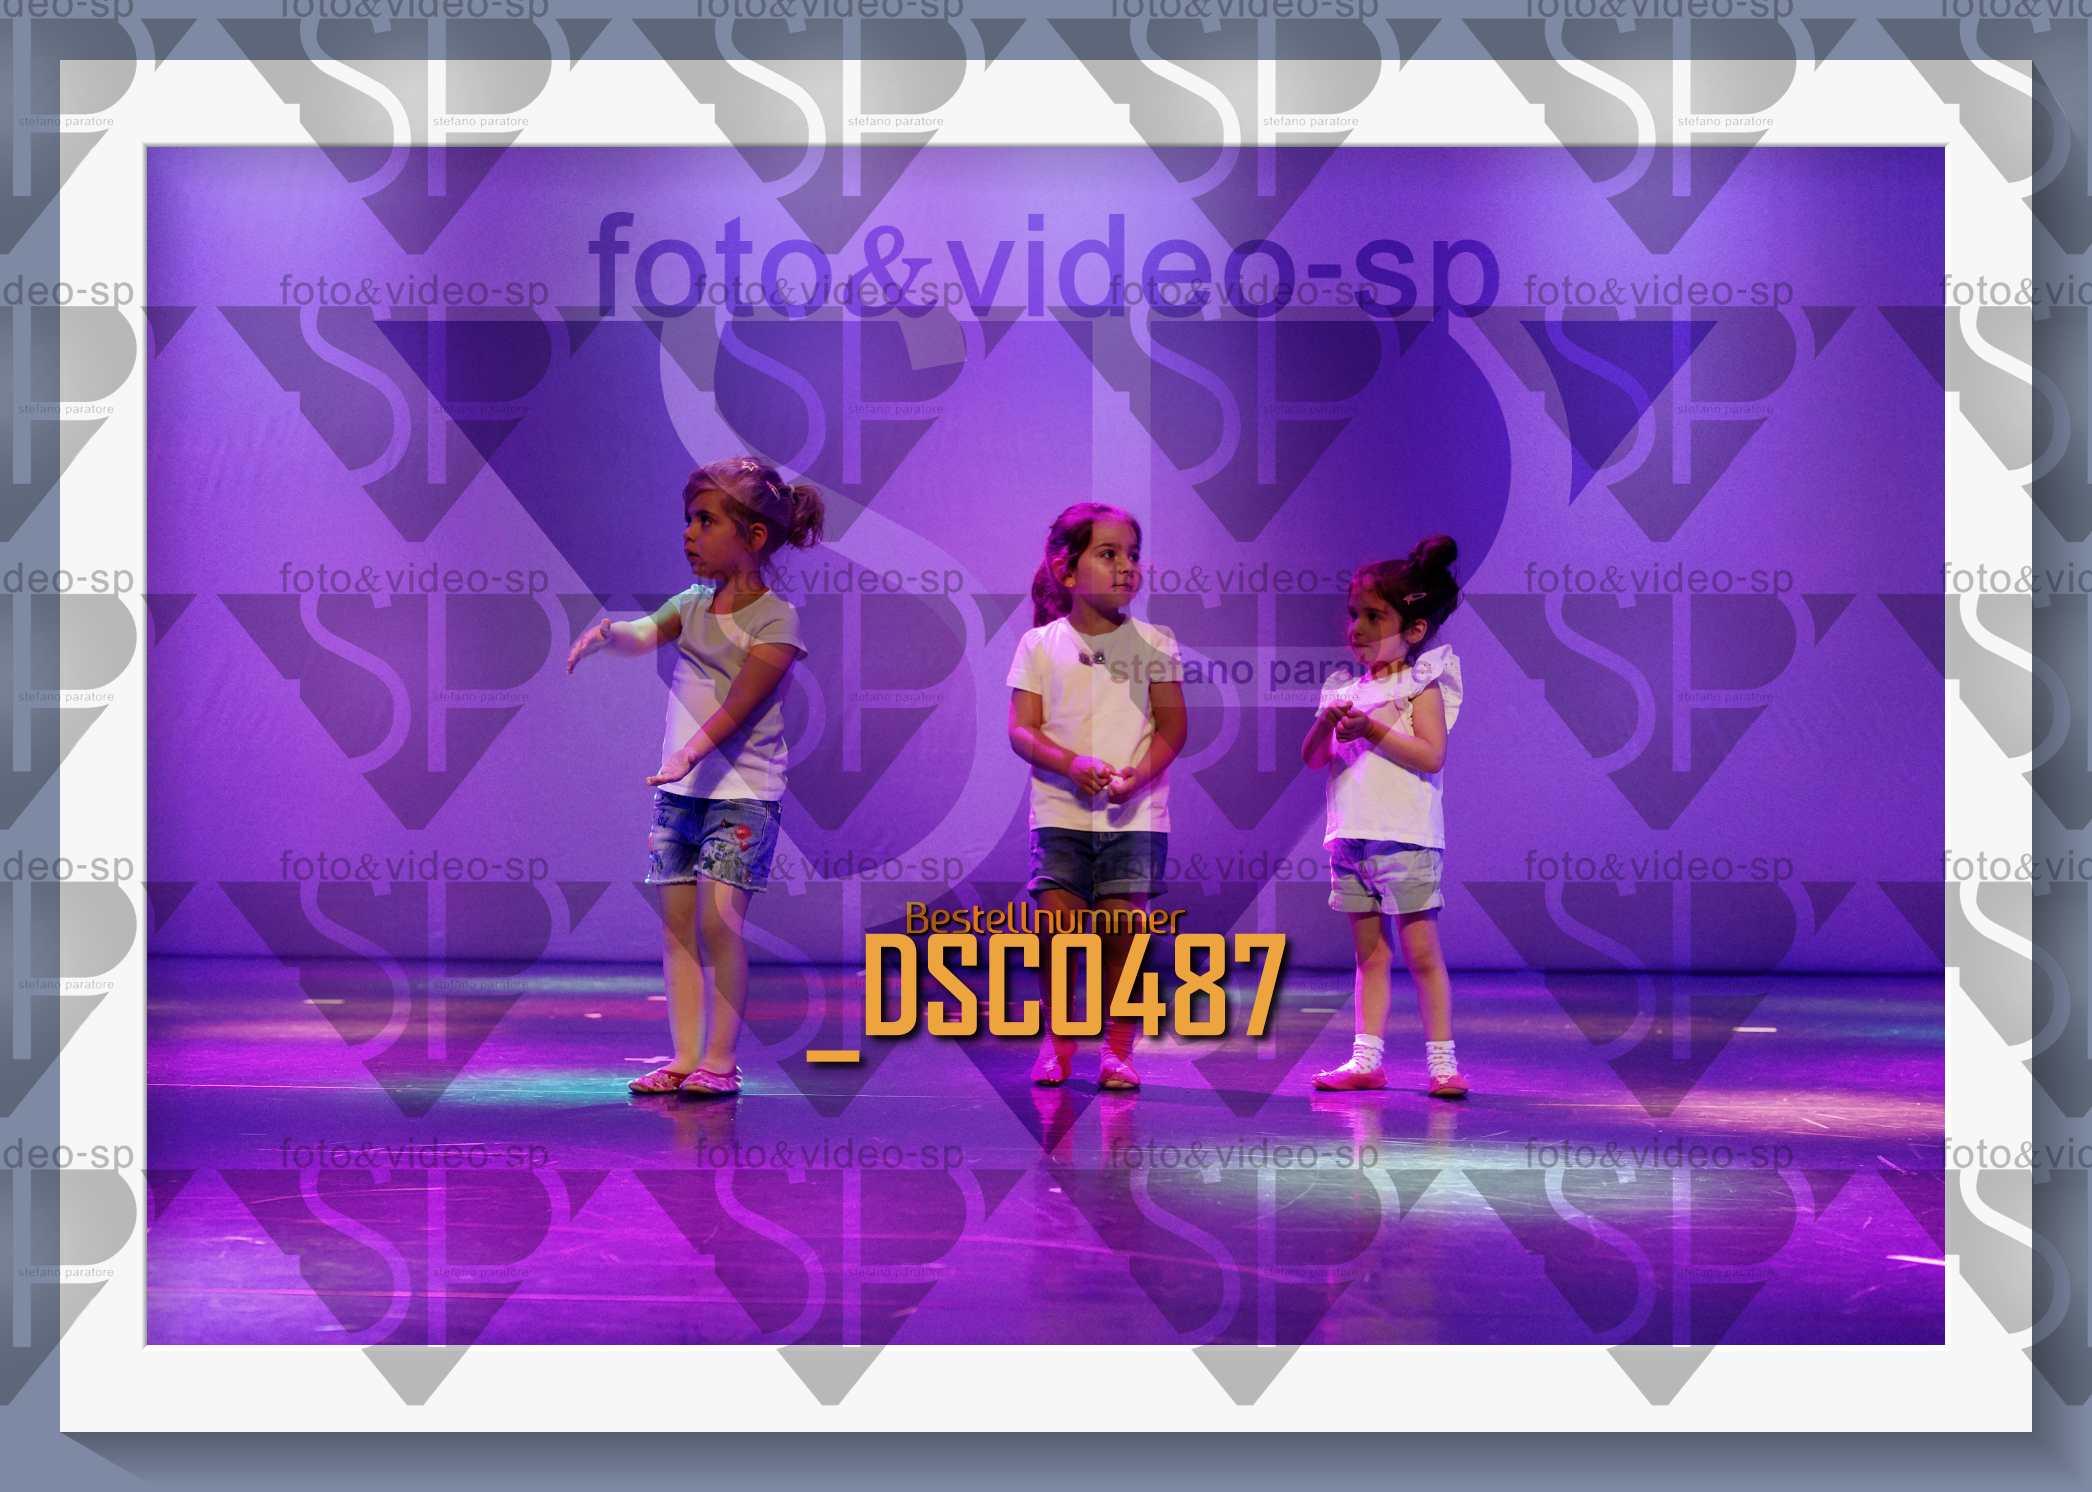 DSC0487